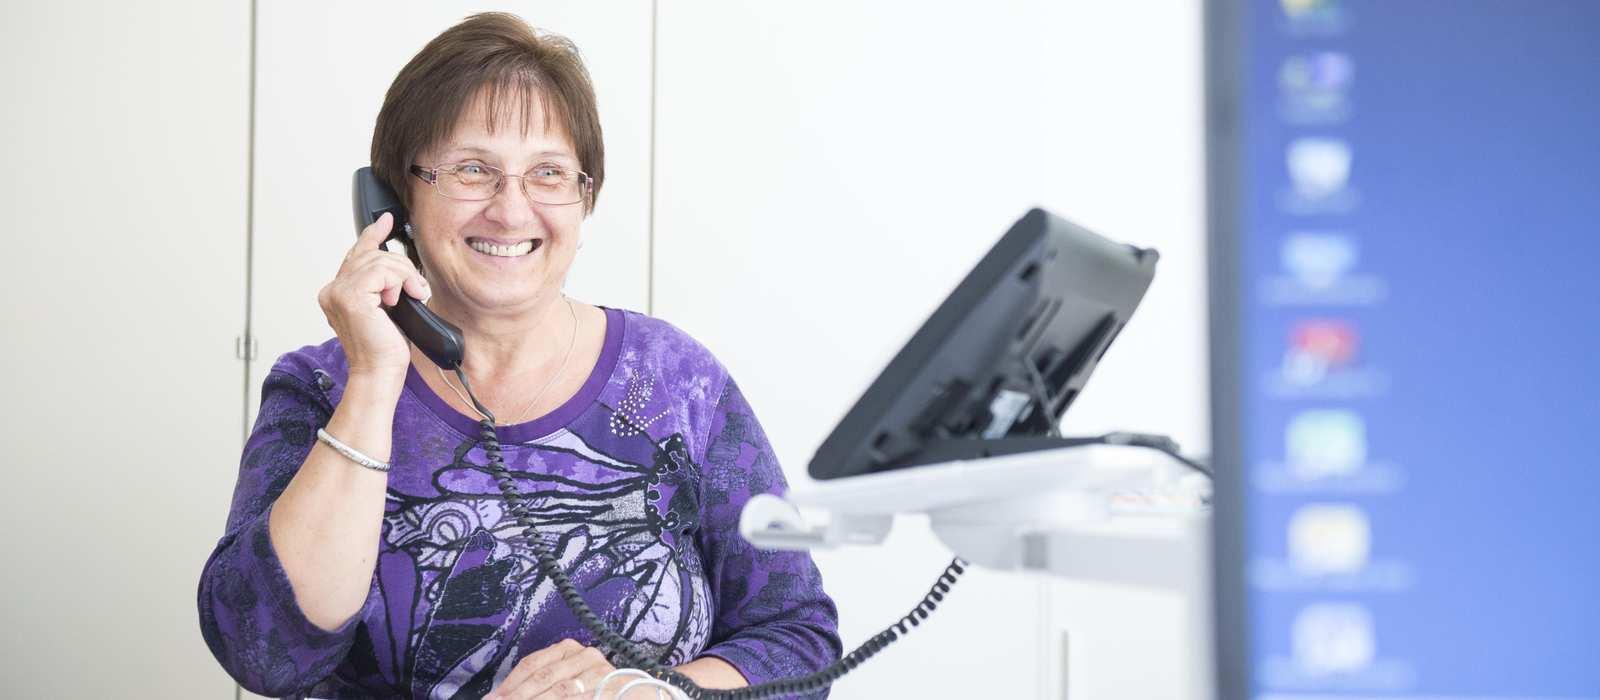 Eine Frau sitzt in einem Büro und telefoniert.